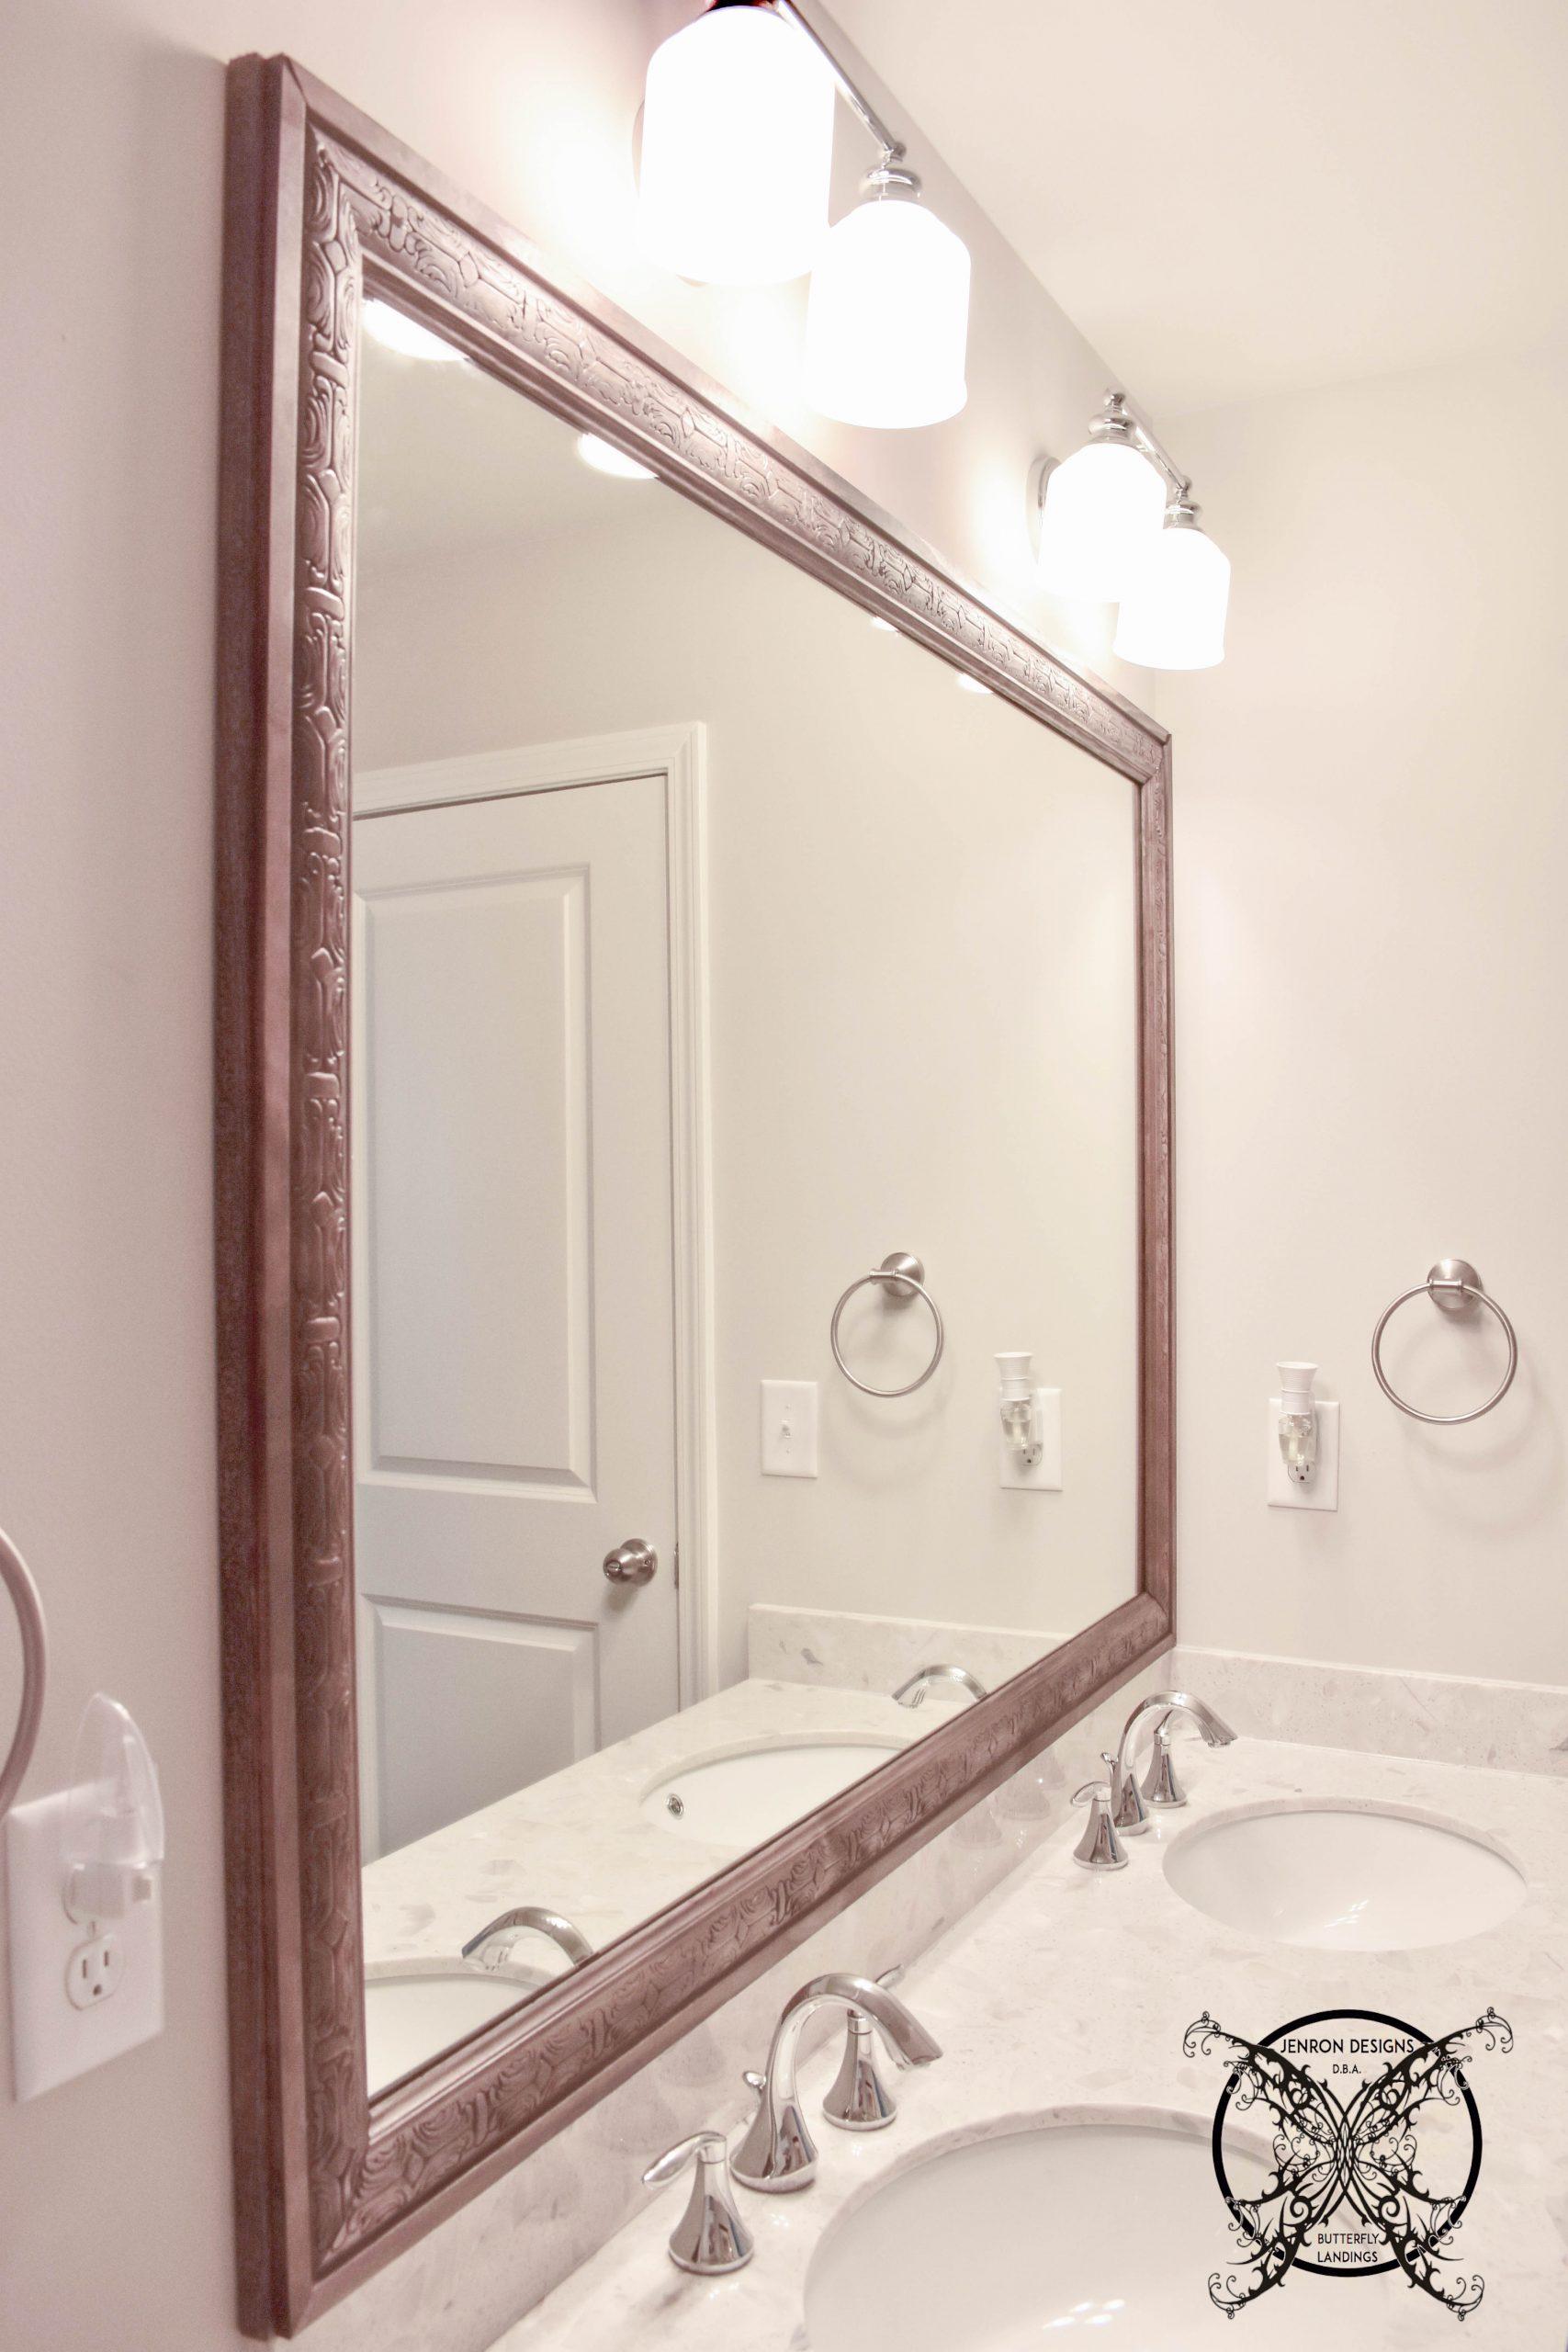 Mirror Frame Completion JENRON DESIGNS